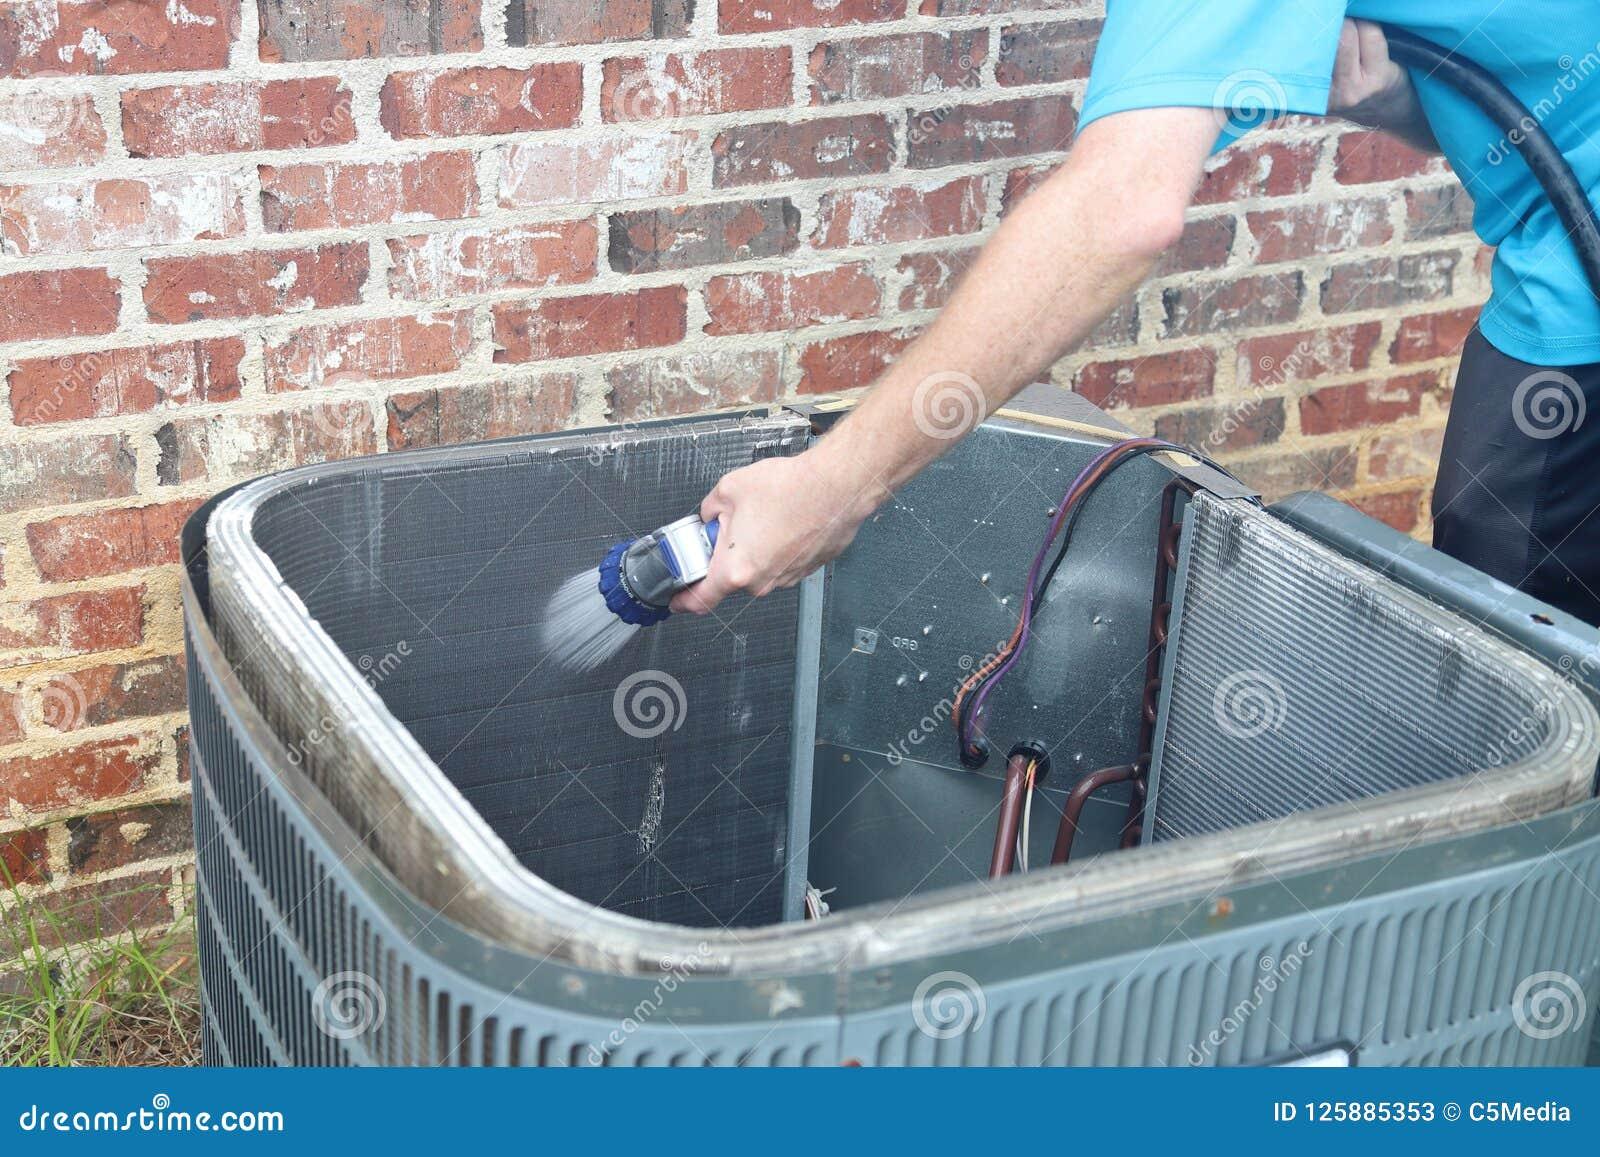 Mantenimiento del acondicionador de aire, bobina del condensador del compresor